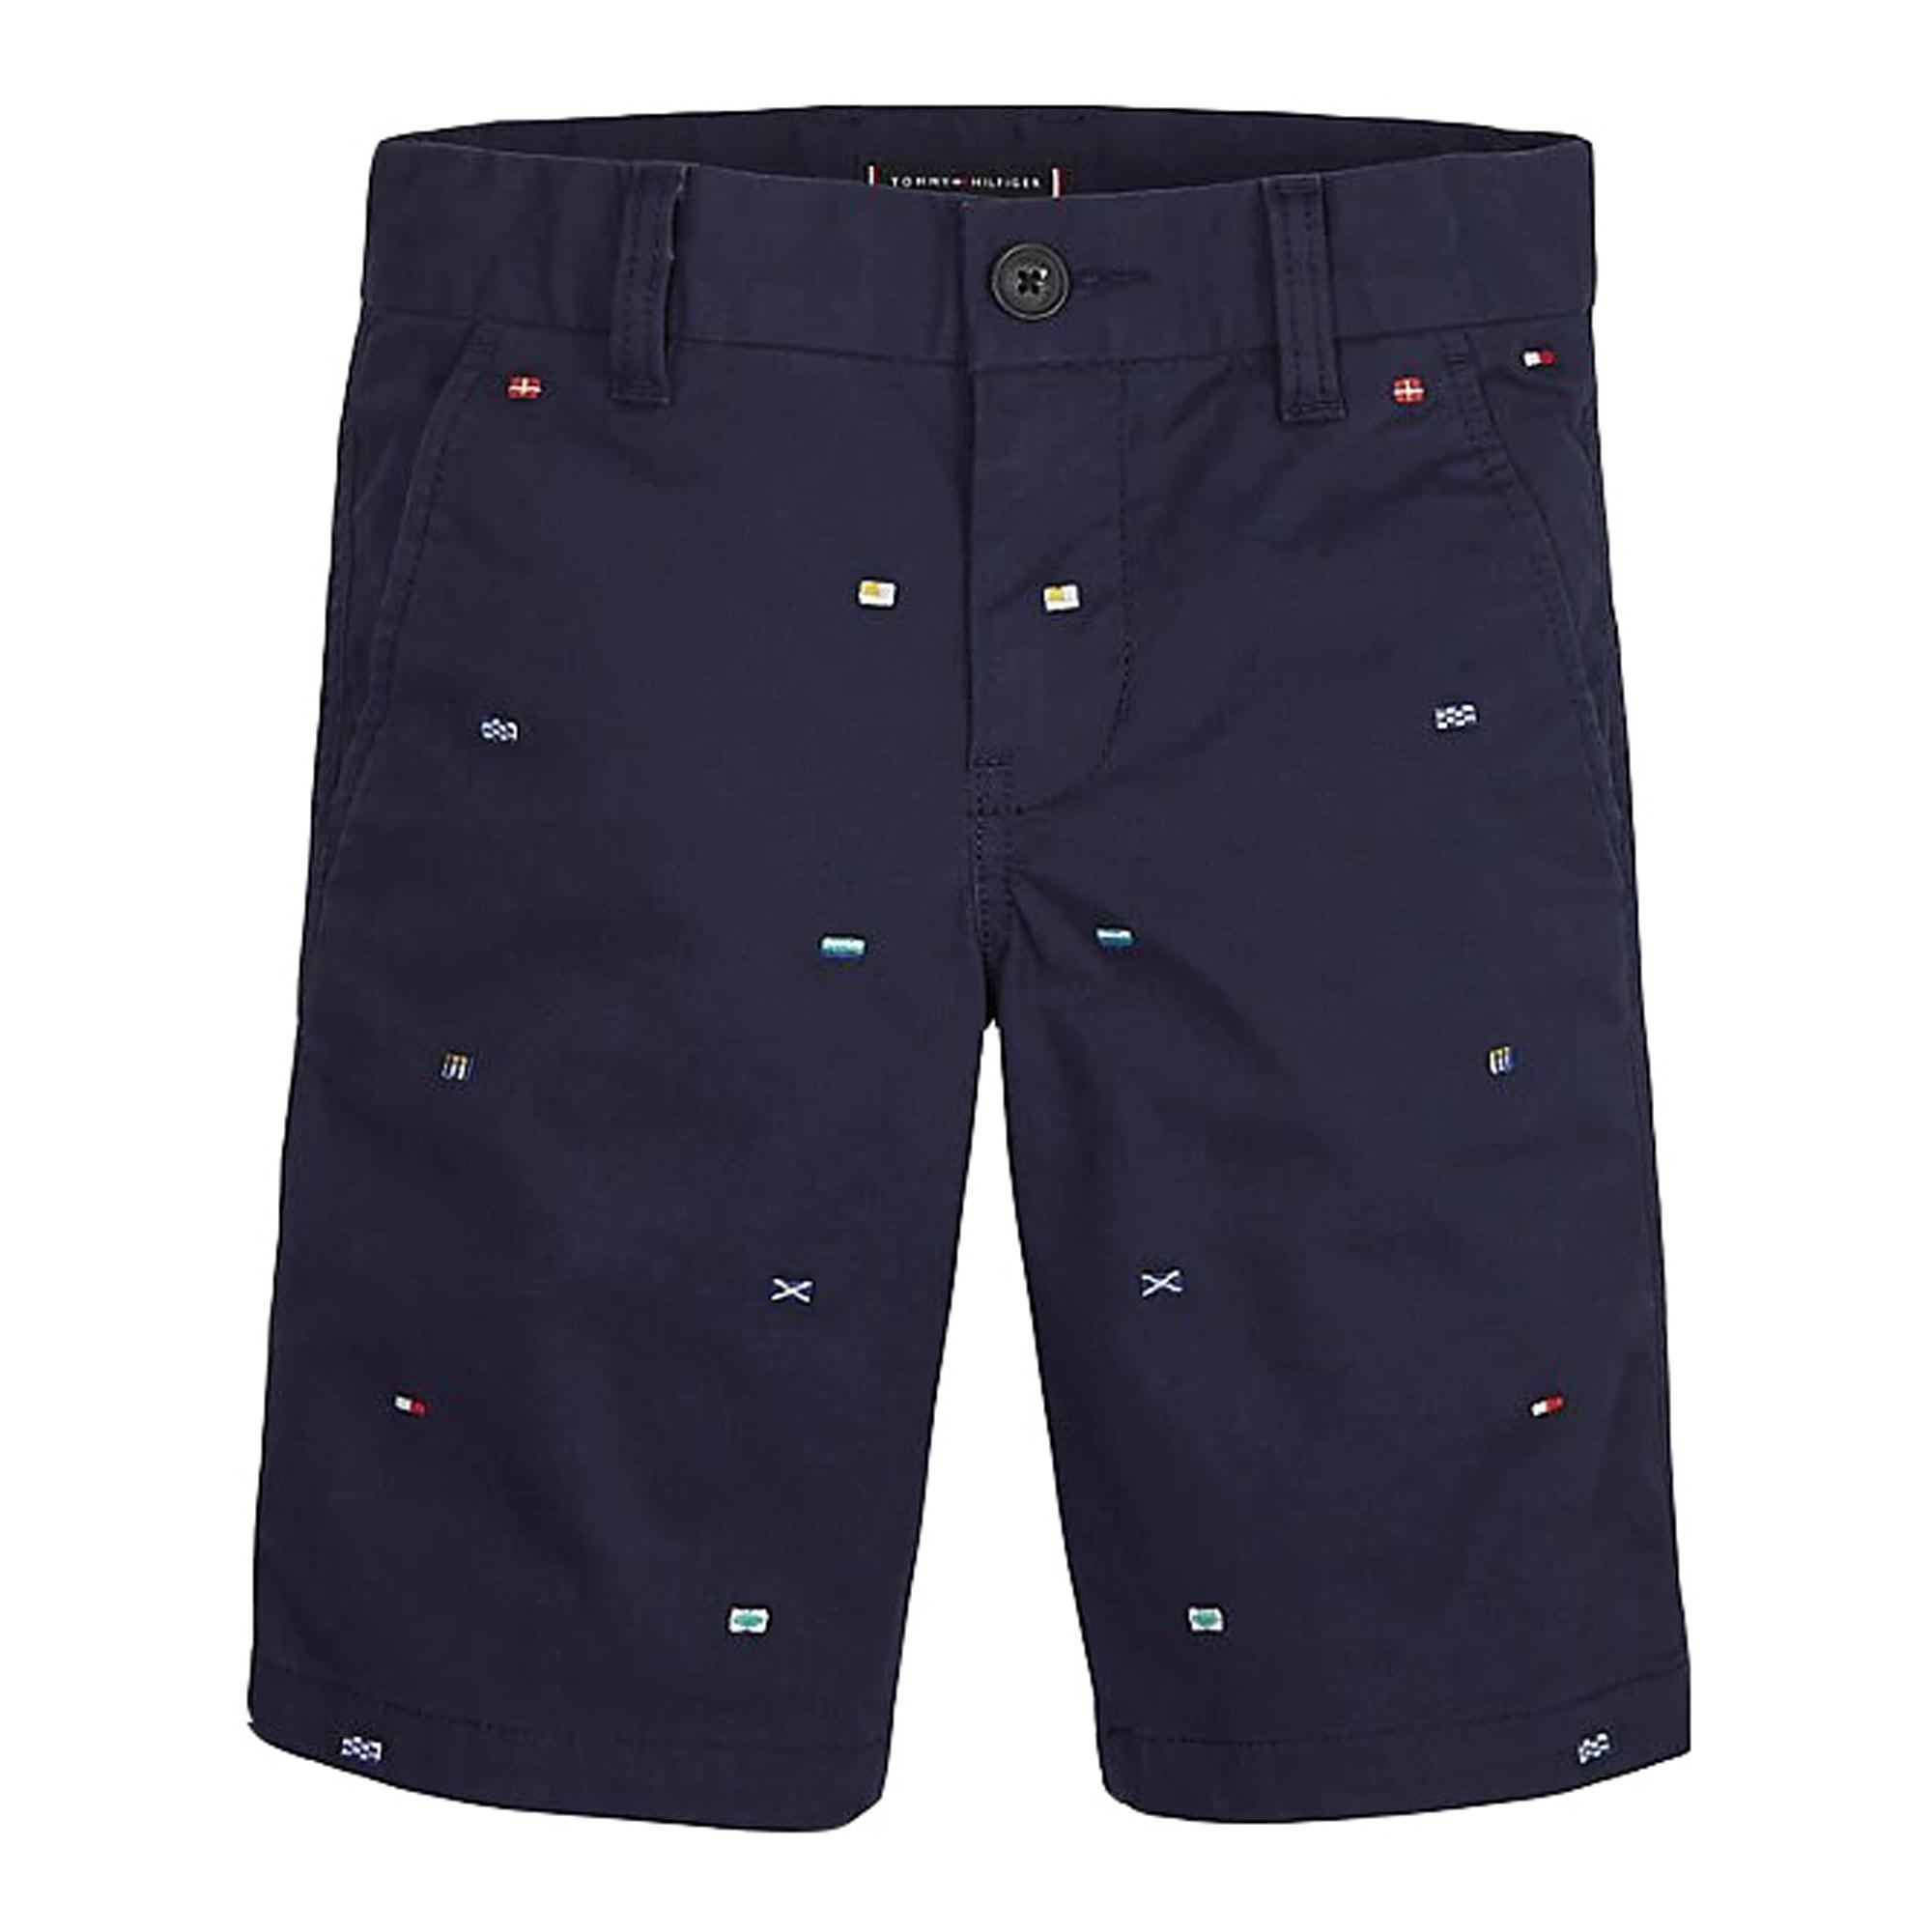 6bd515a90b1 Lühikesed püksid - Püksid - Poiste rõivad - Lapsed